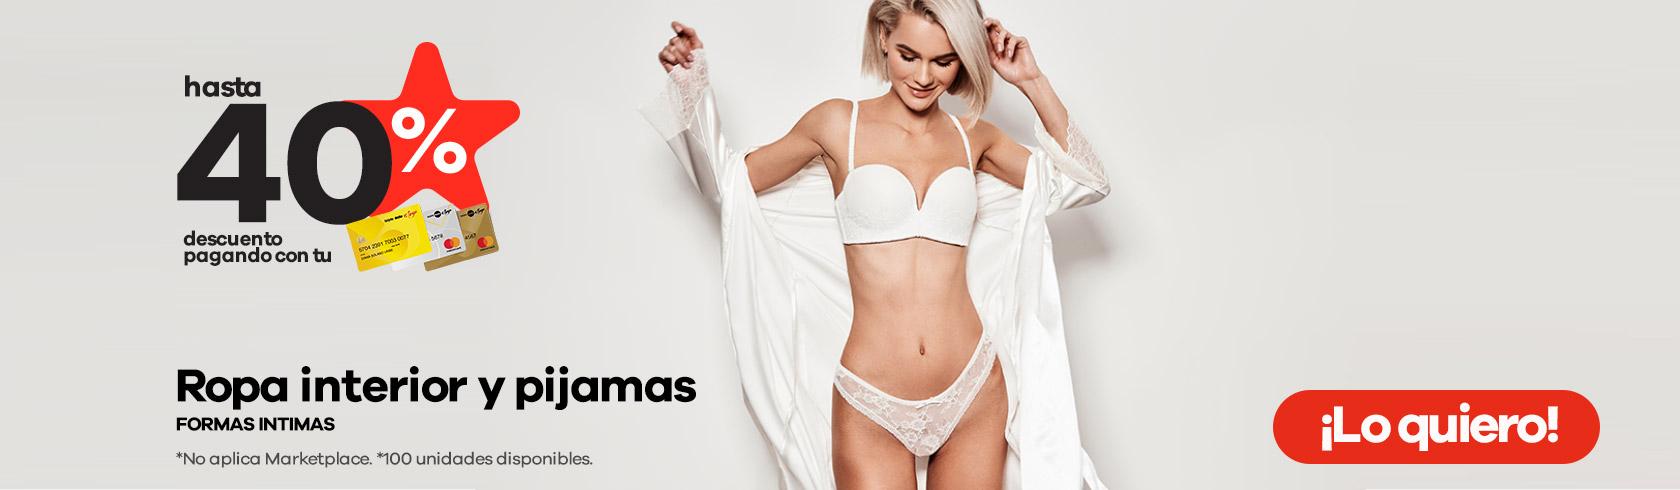 Ropa_interior_pijamas